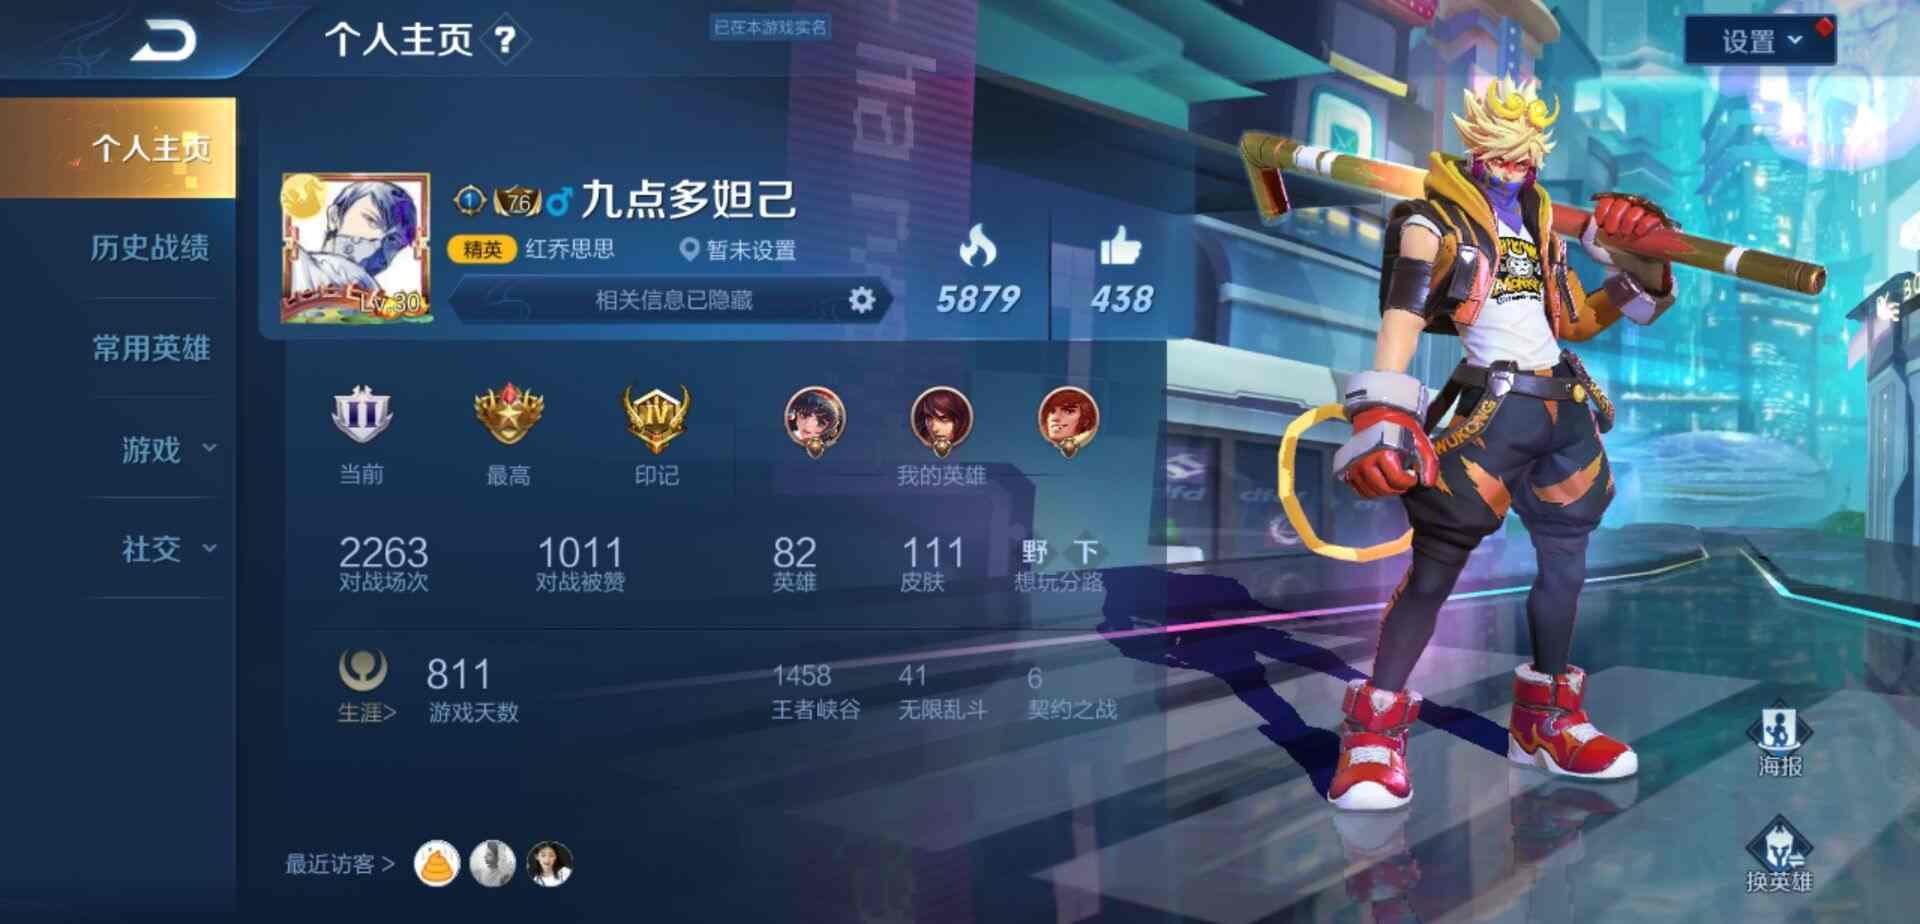 ZY【安卓QQ】82英雄11